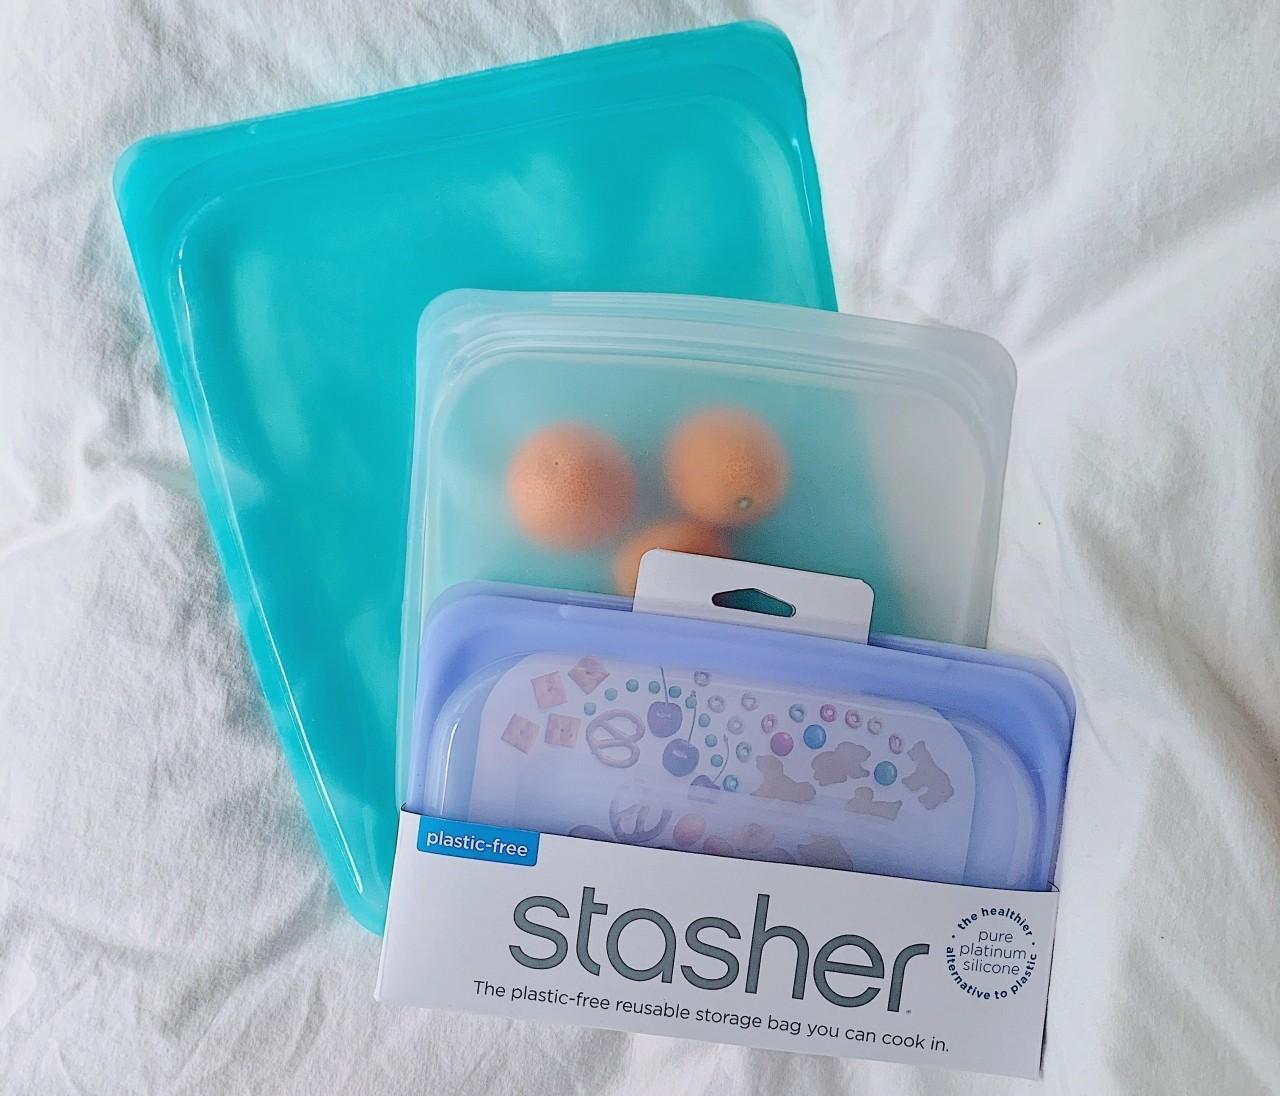 ゆるりと脱プラ生活。 【stasher】シリコンバッグがマルチに使えて便利!(食品保存/メイクポーチ)